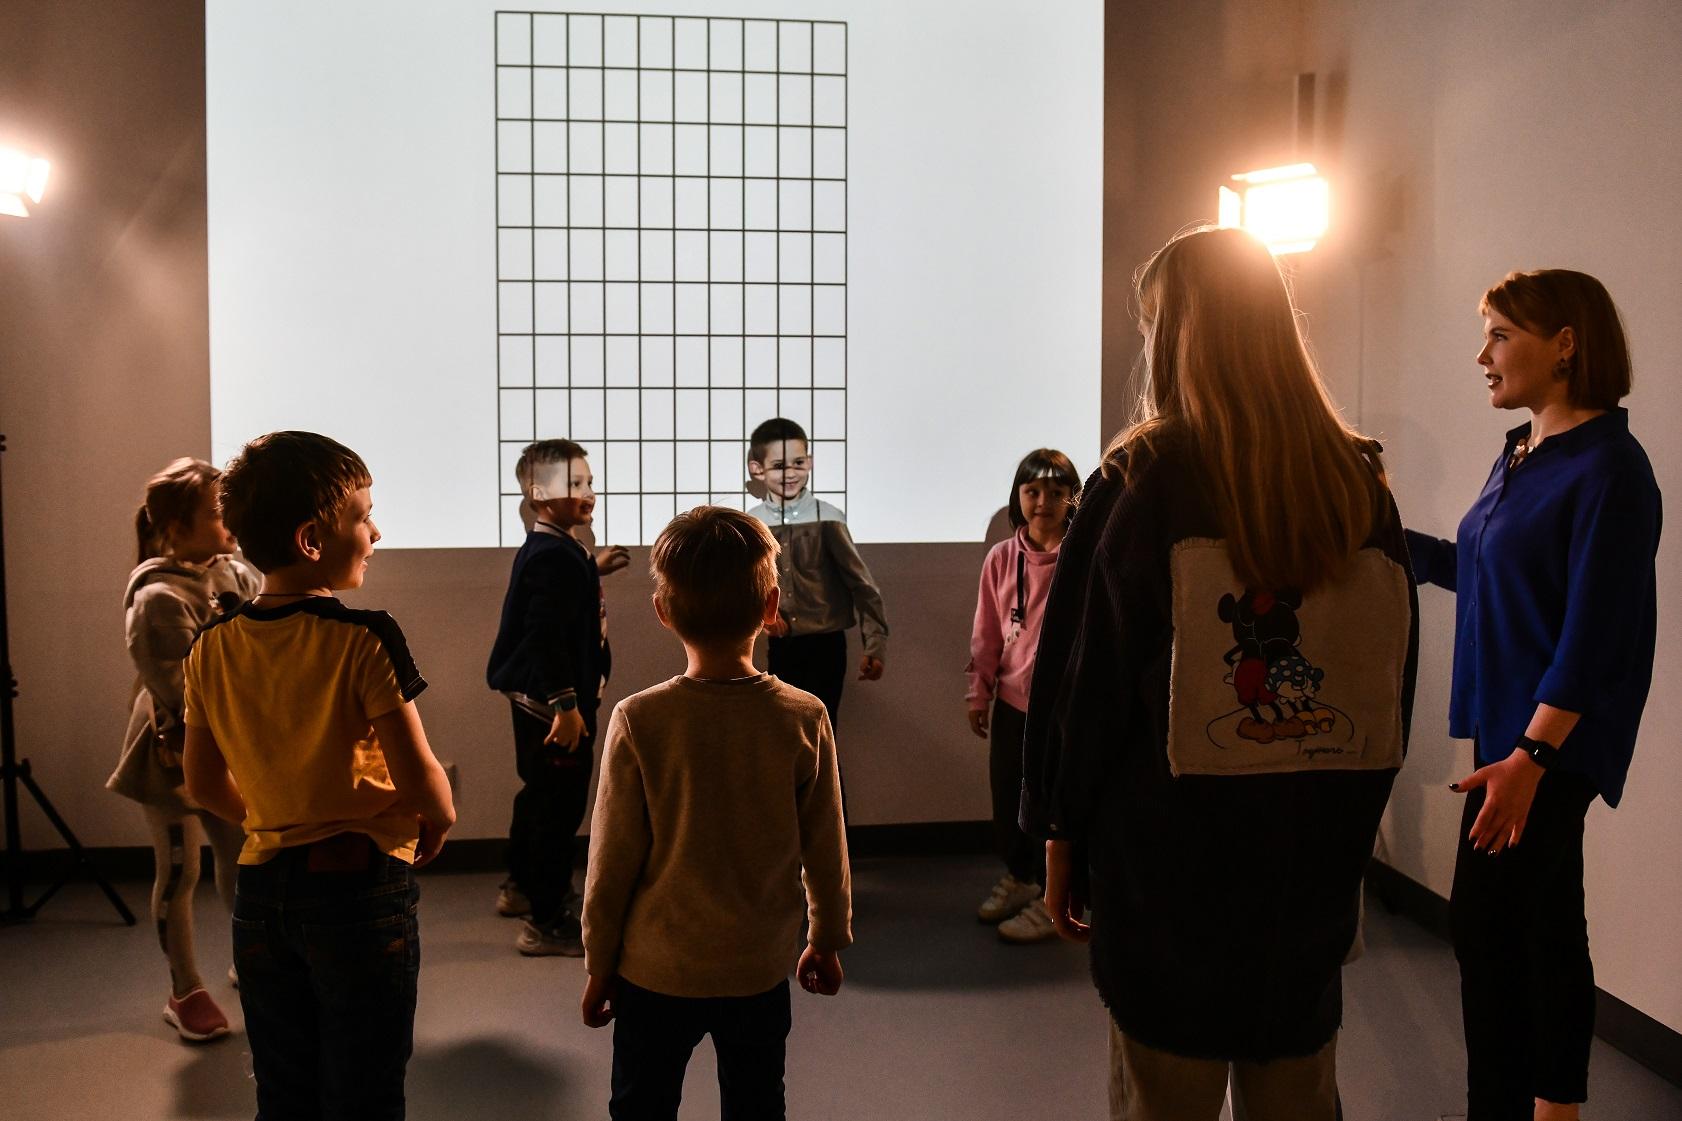 В галерее «Синара Арт» открываются выставки, кураторами которых стали дети